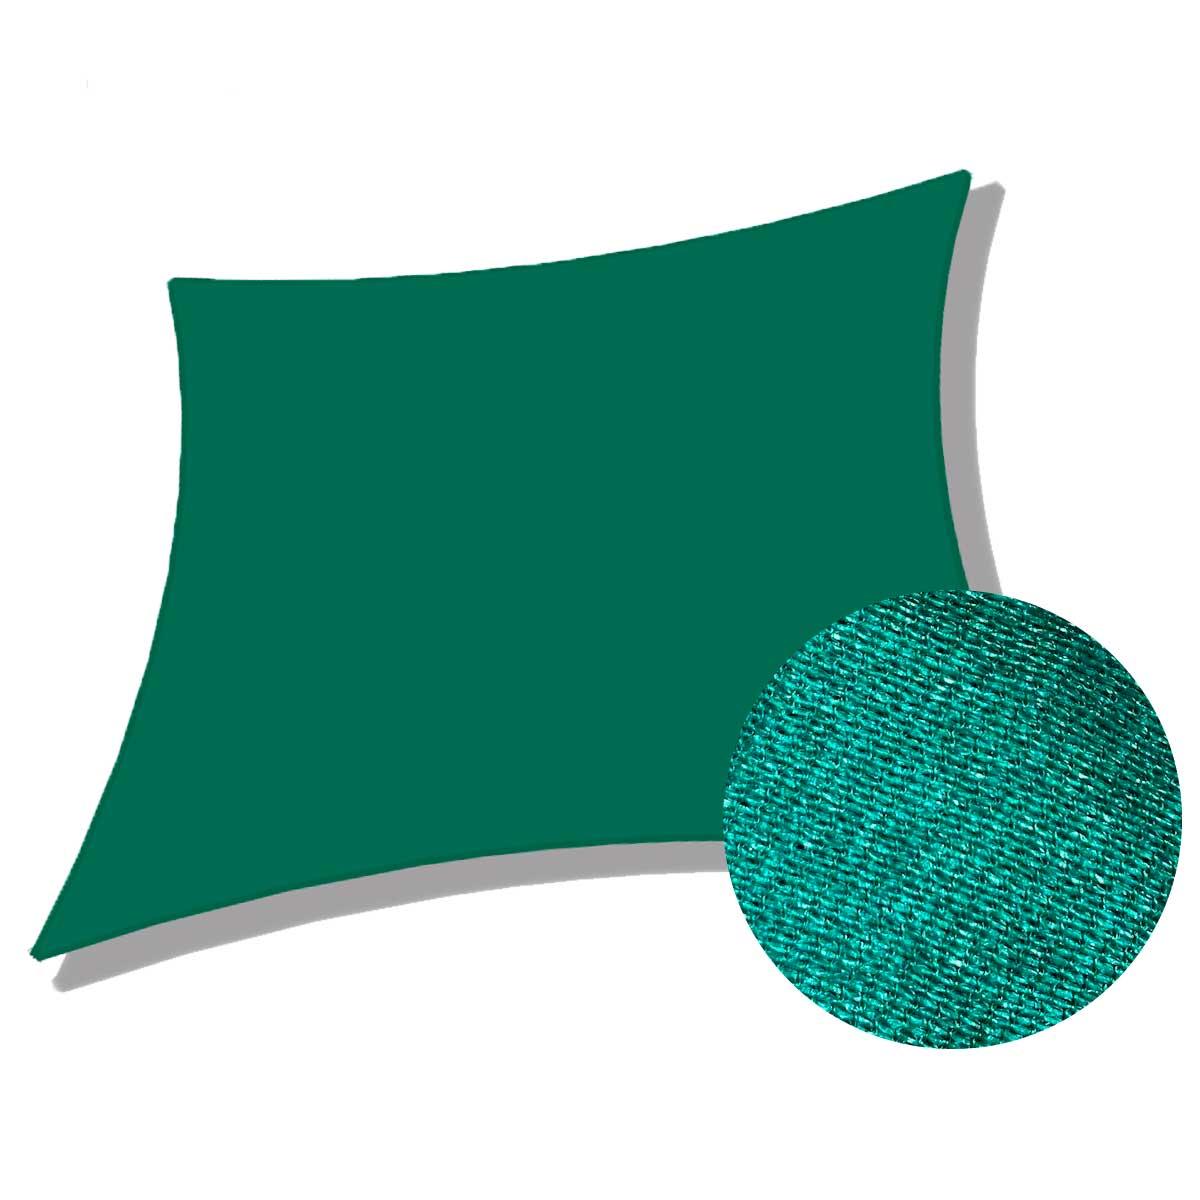 Tela Decorativa Sombrite Verde Sem Acabamento 4x3,5m